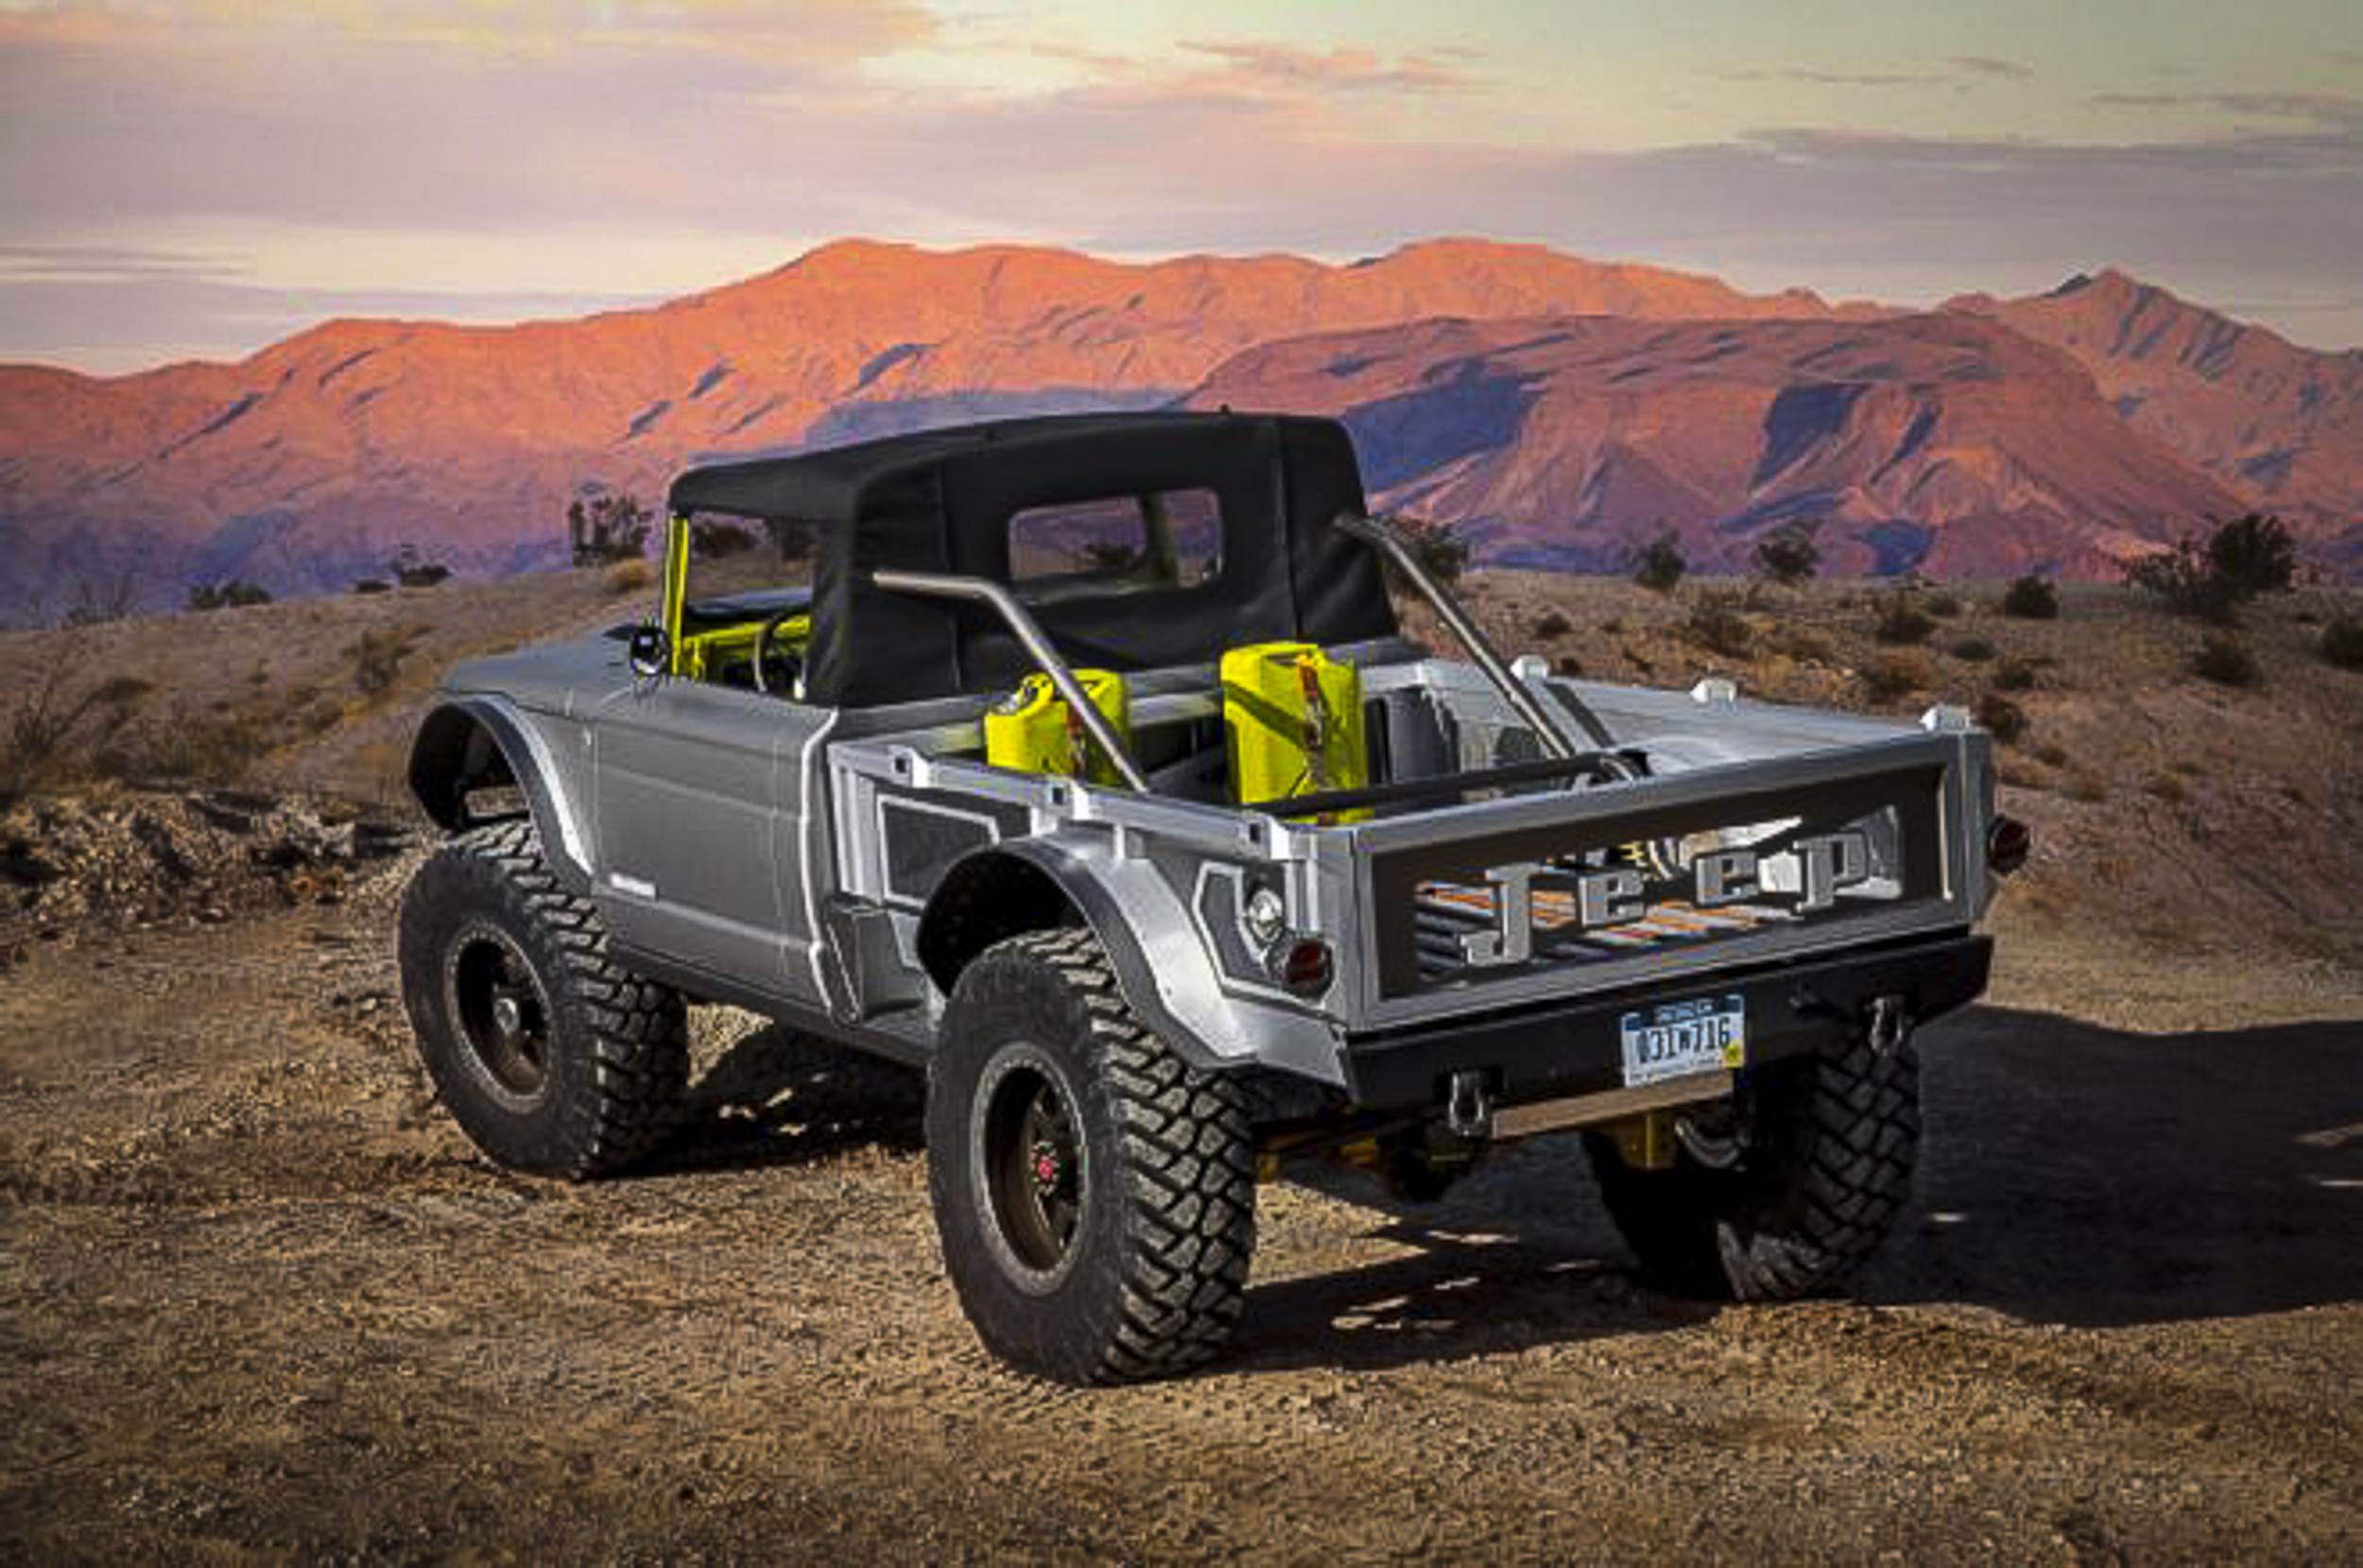 easter-jeep-safari-2019-five-quarters-concept-rear-quarter-02.jpg